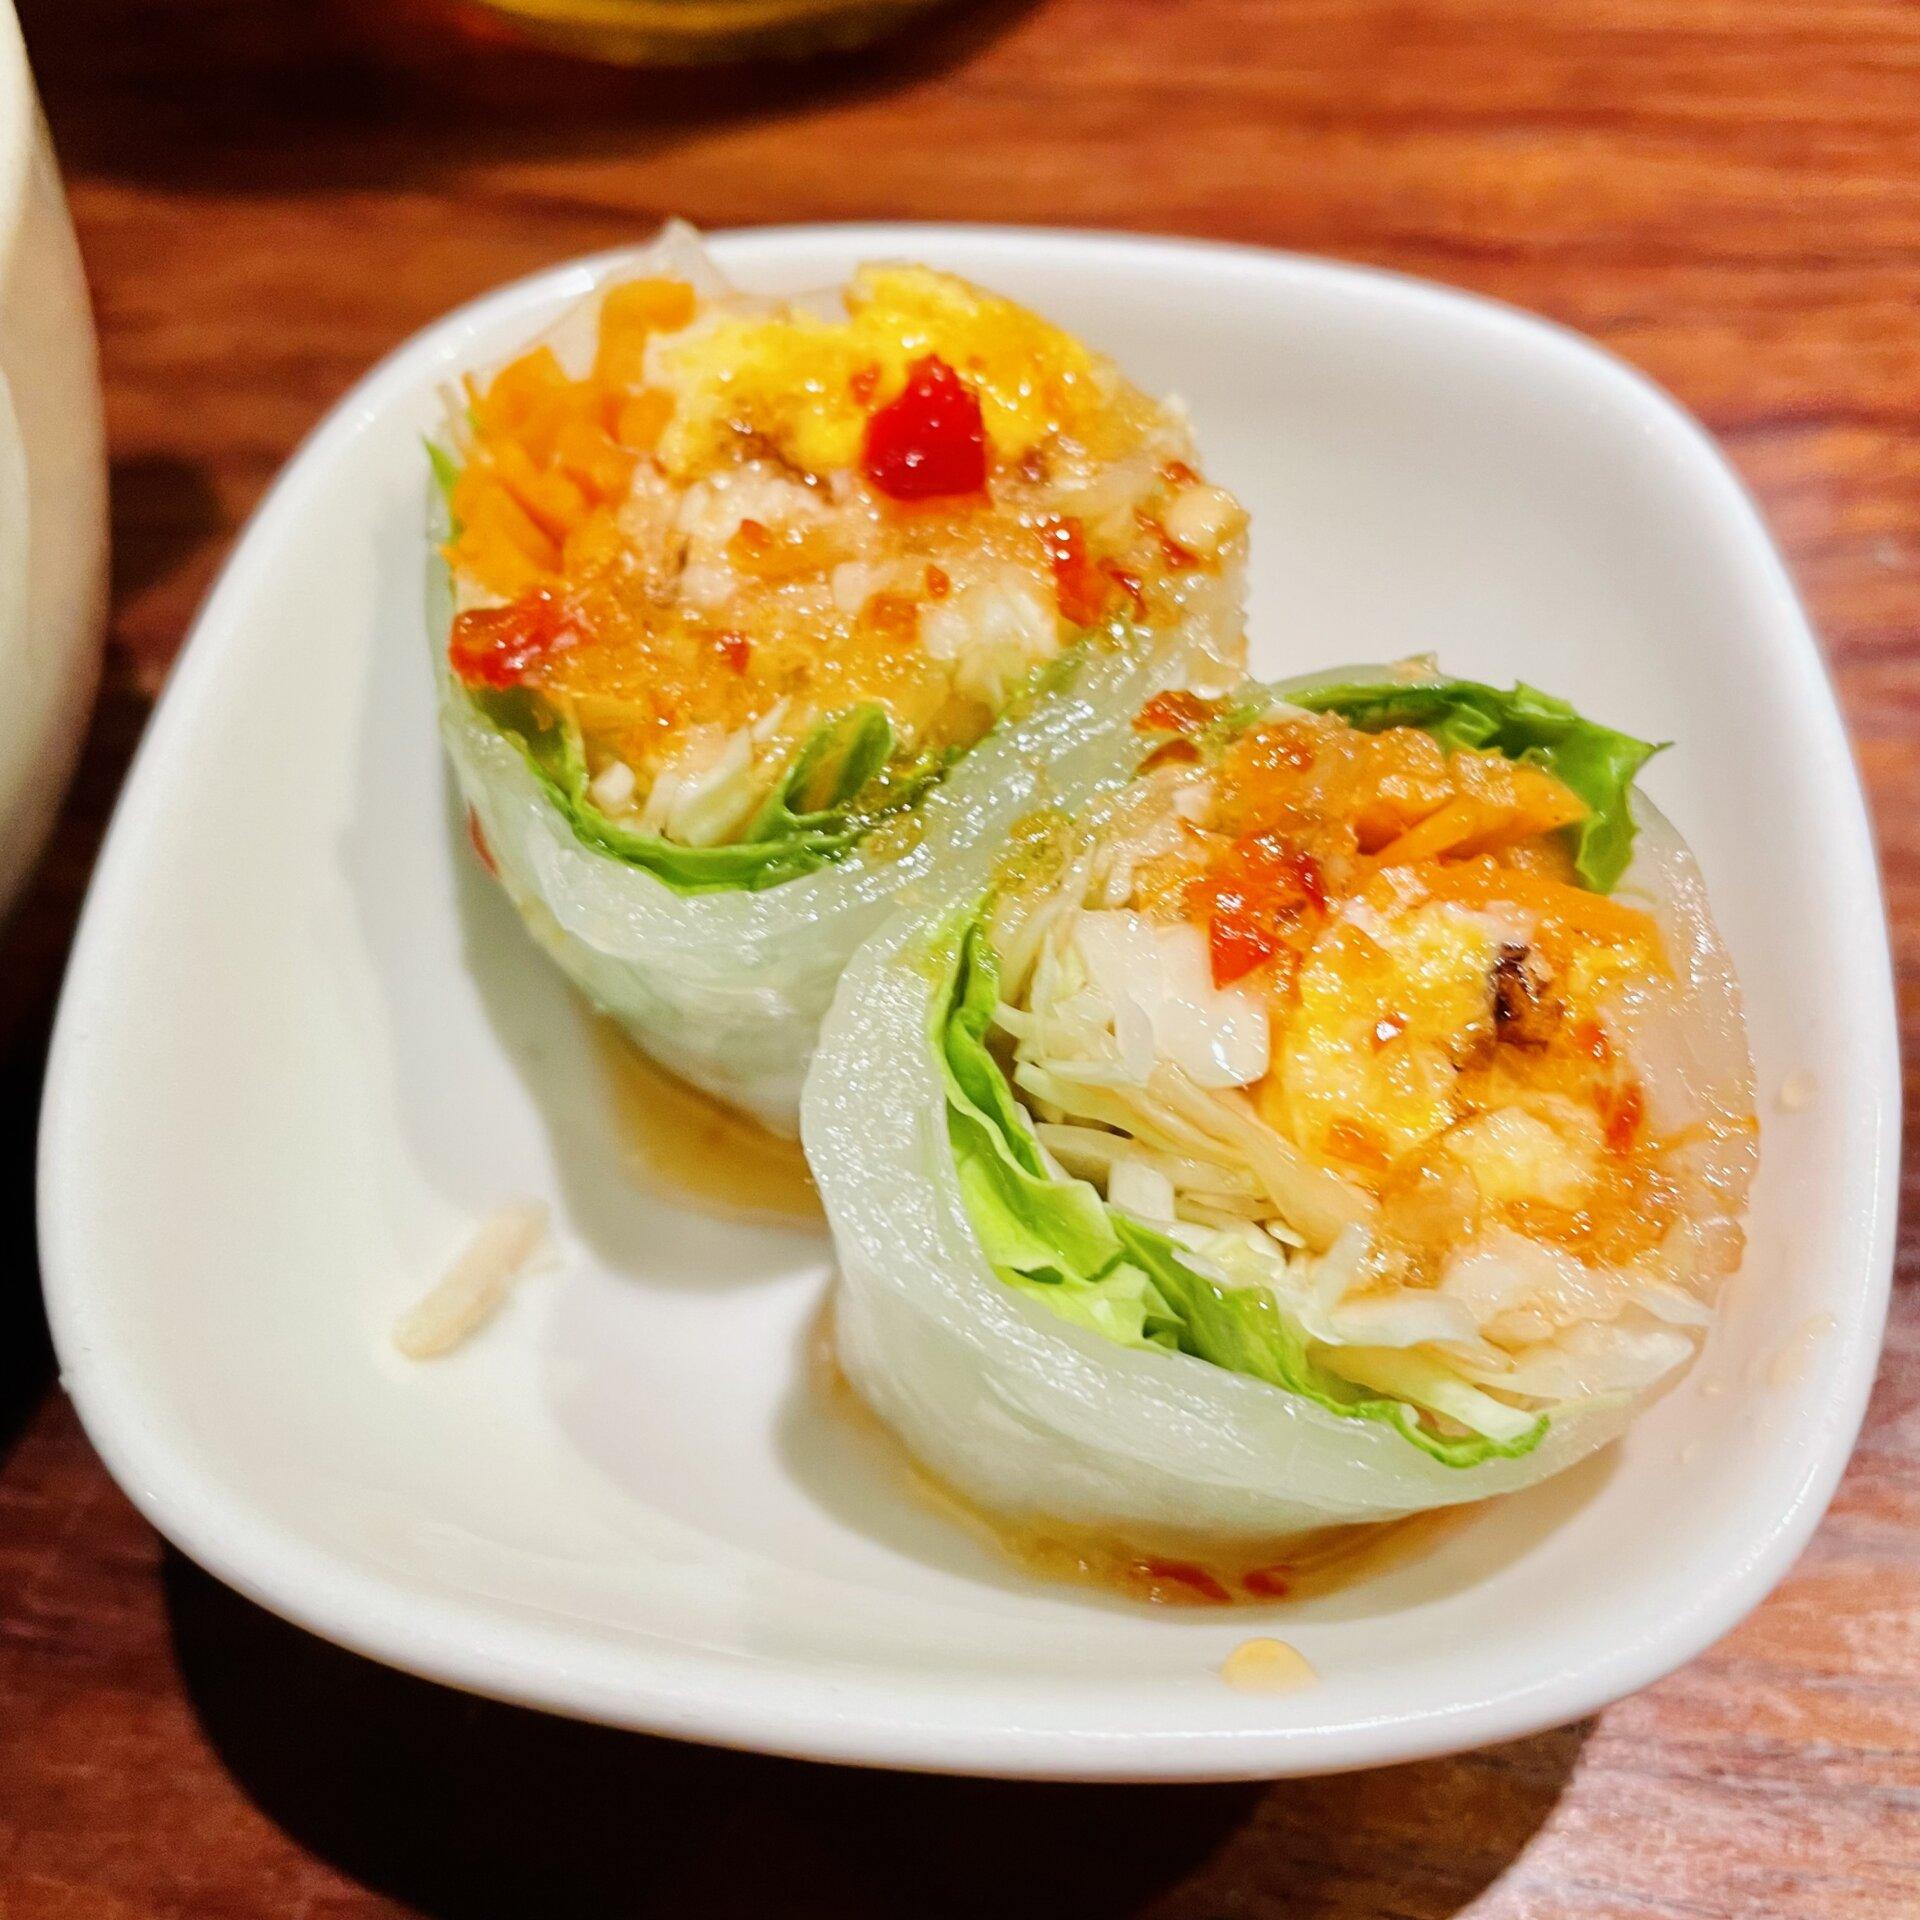 【三軒茶屋】タイ料理の激戦区でトップレベル!「タイ東北料理イサーンキッチン 」ランチの春巻き